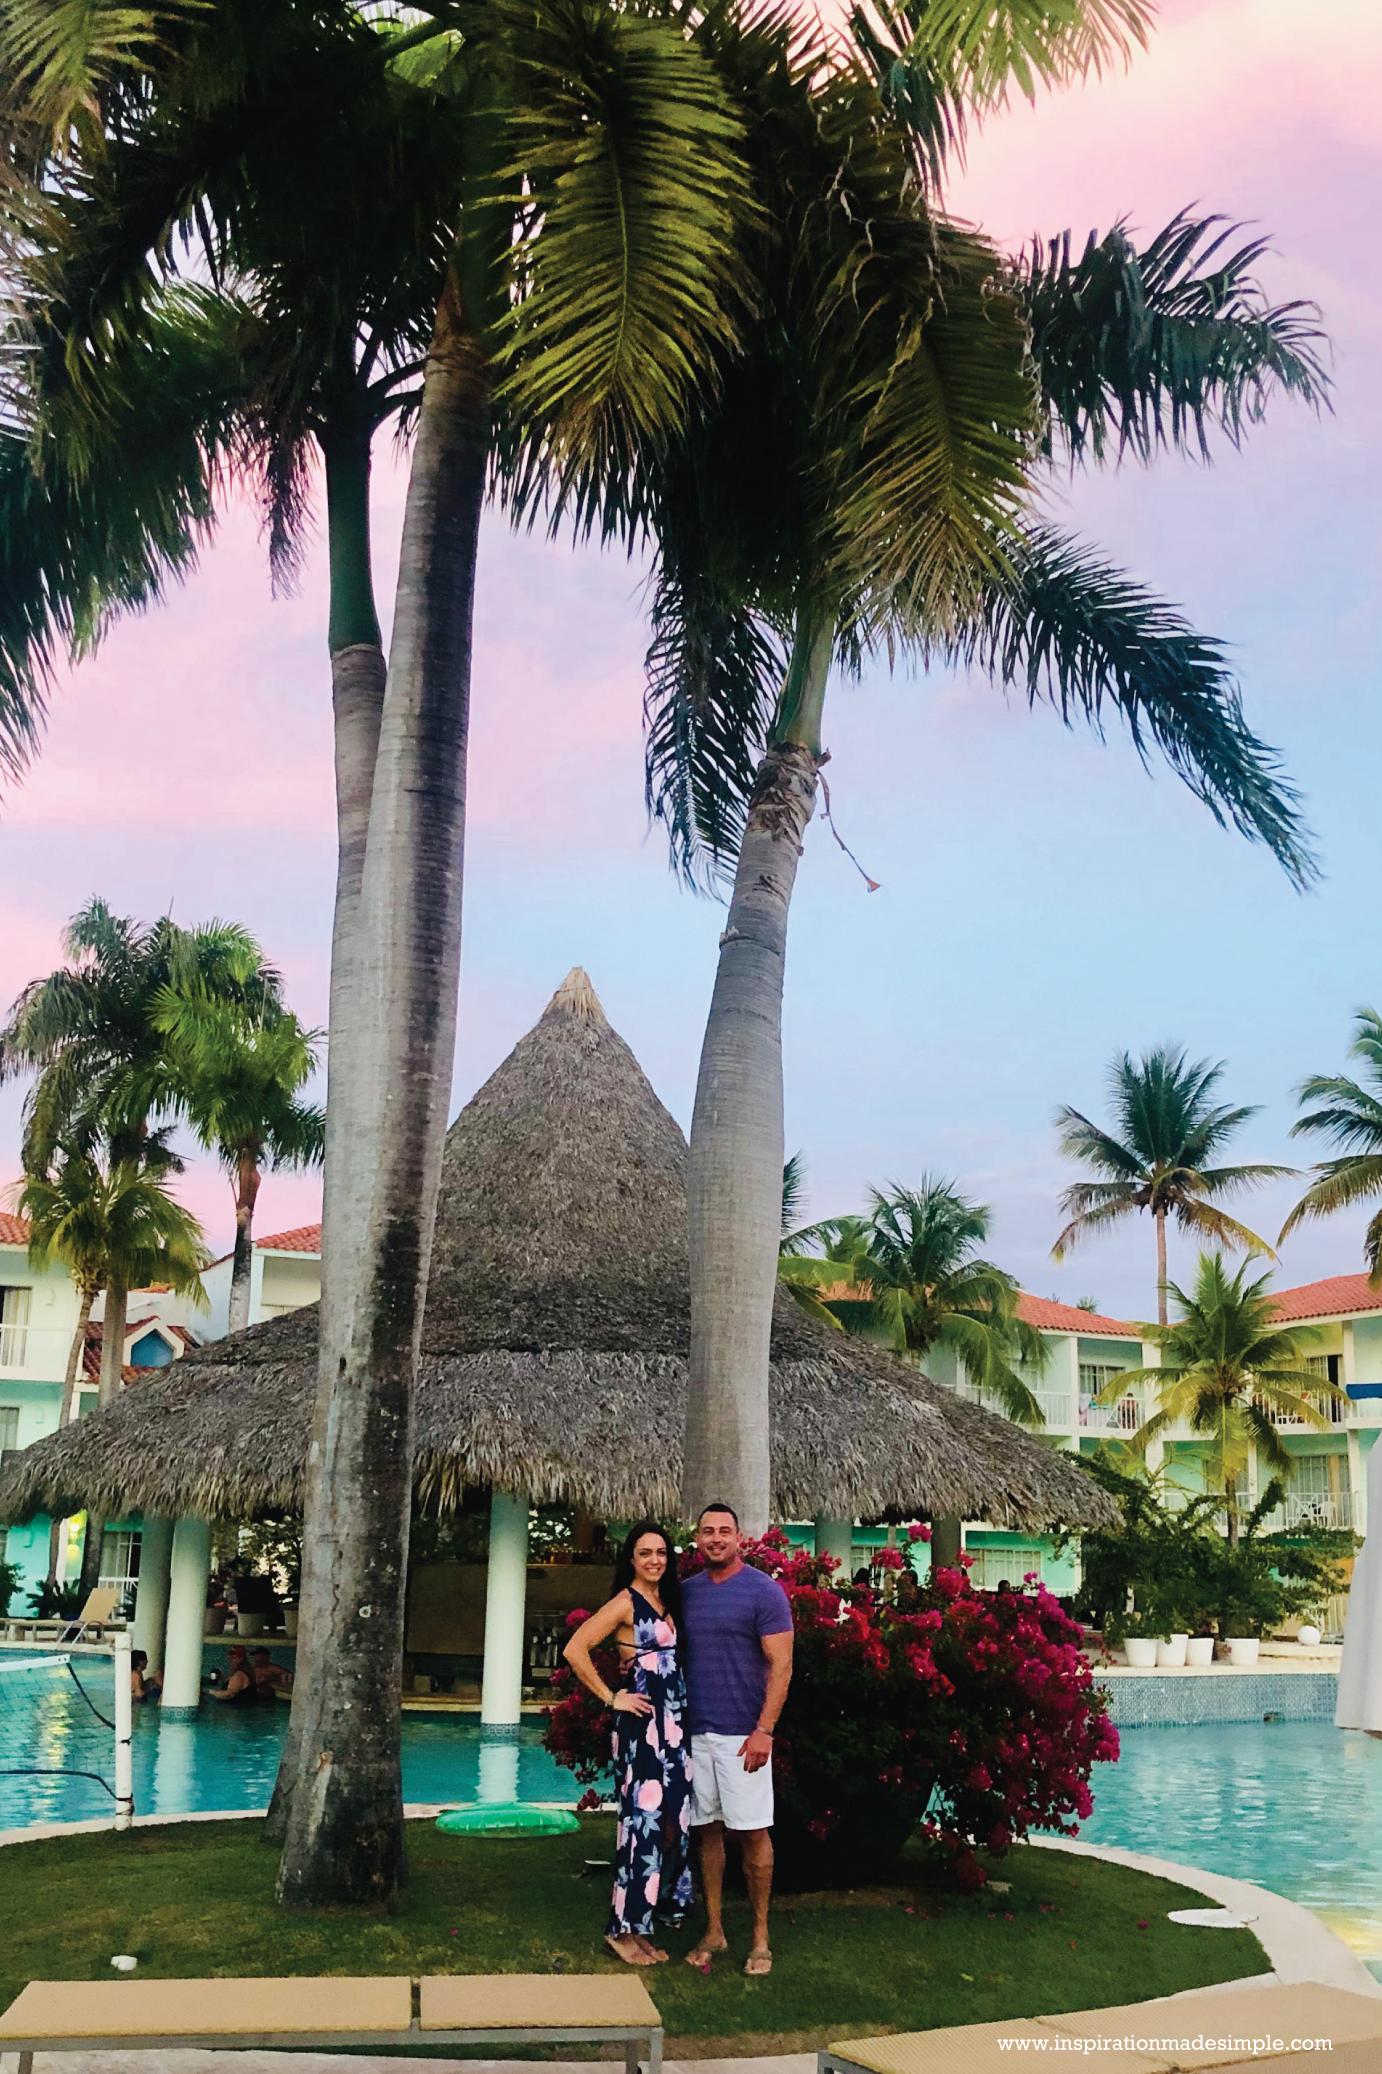 VH Gran Ventana Beach Resort in Dominican Republic